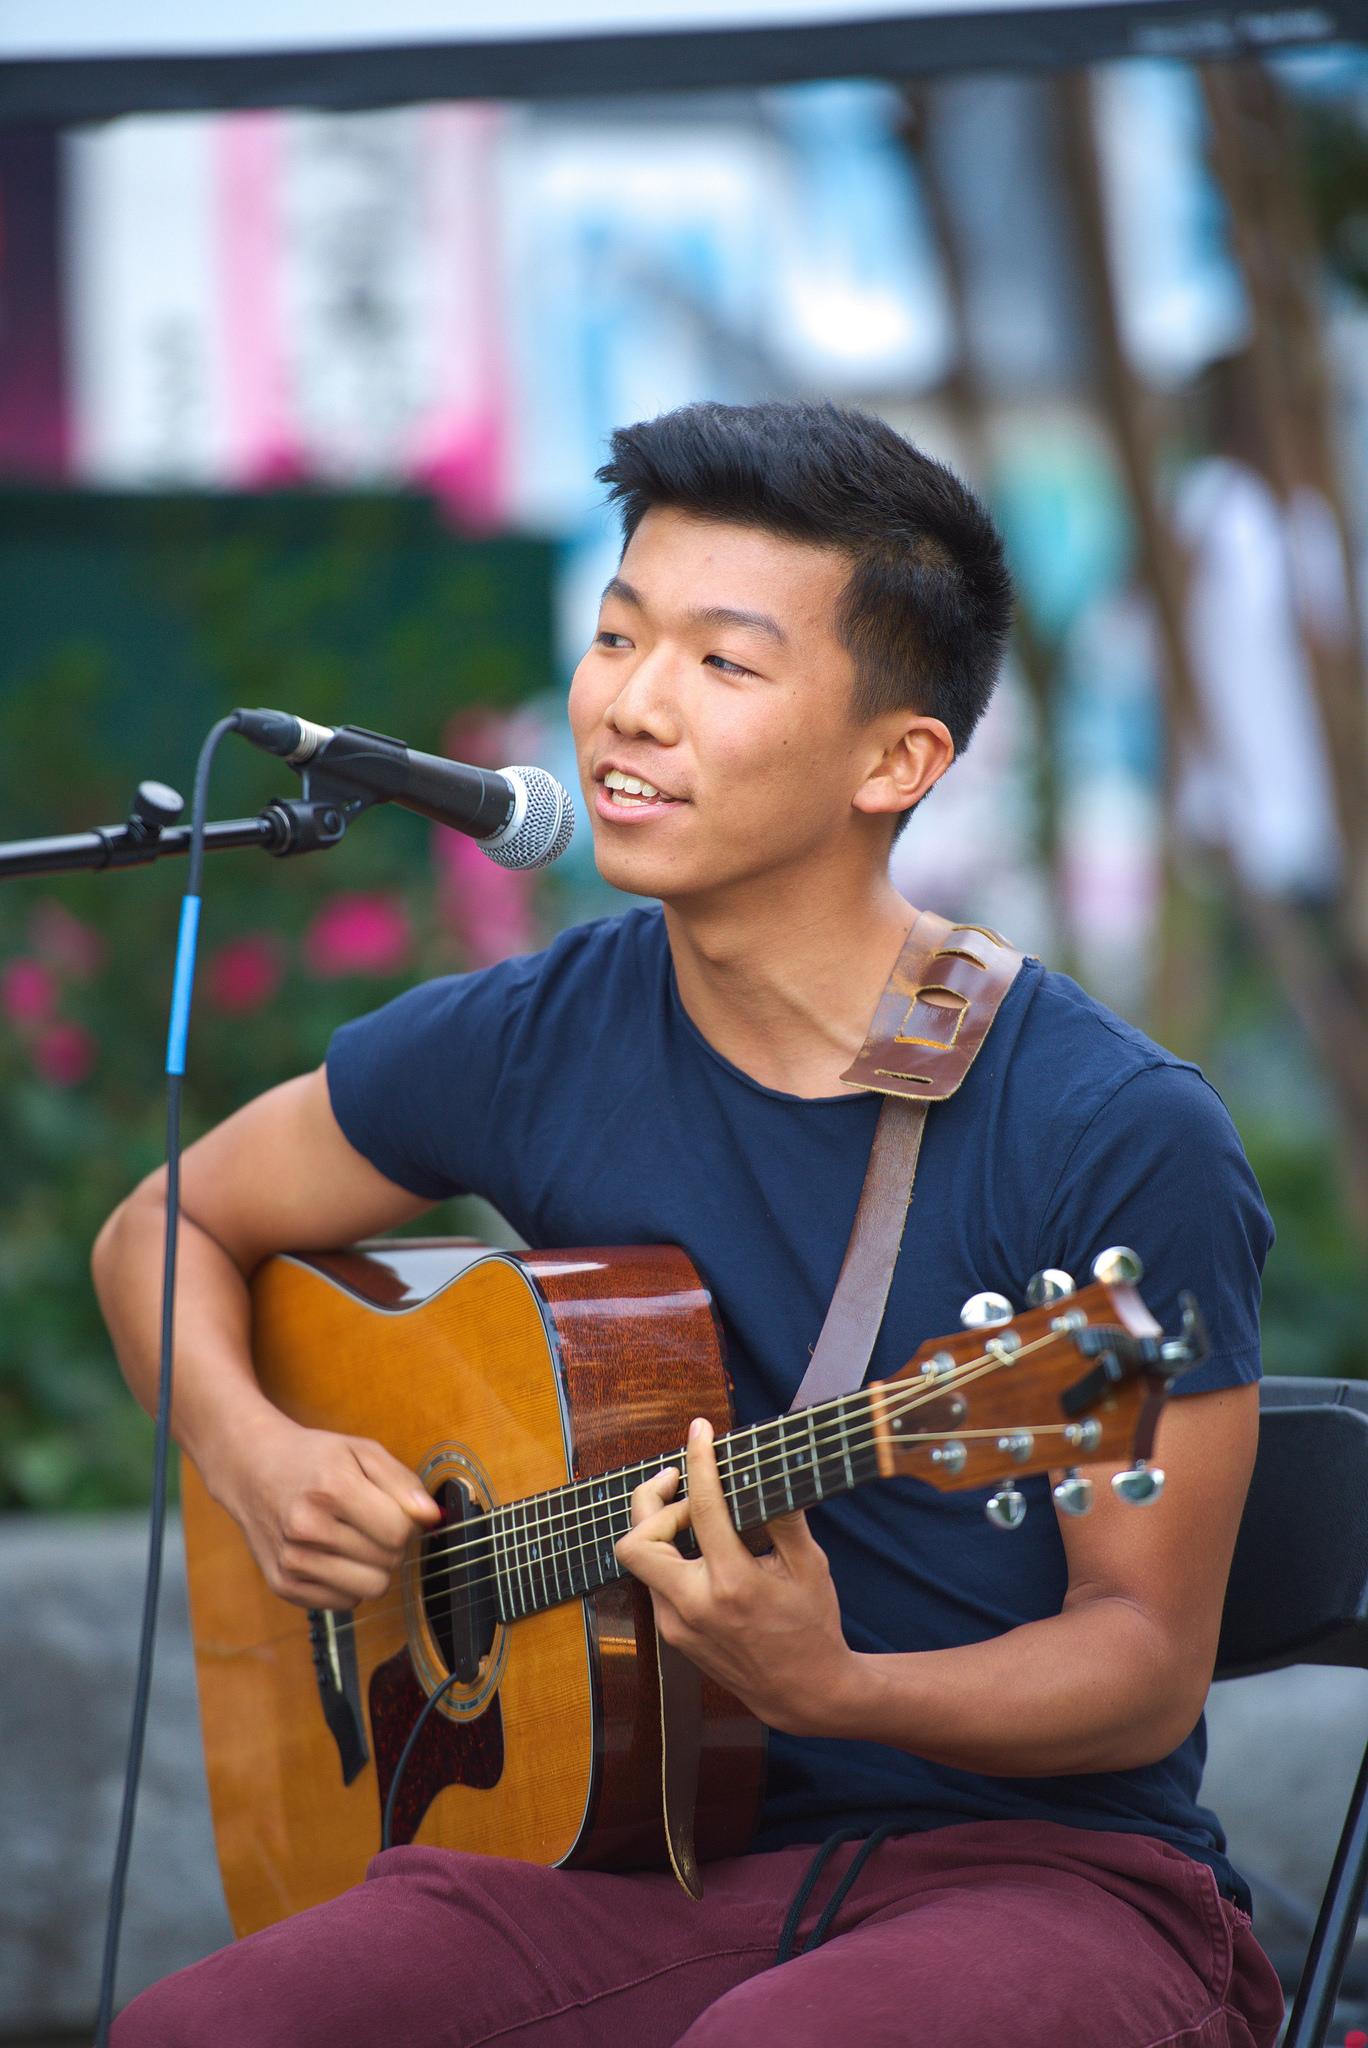 Performer_music3.jpg